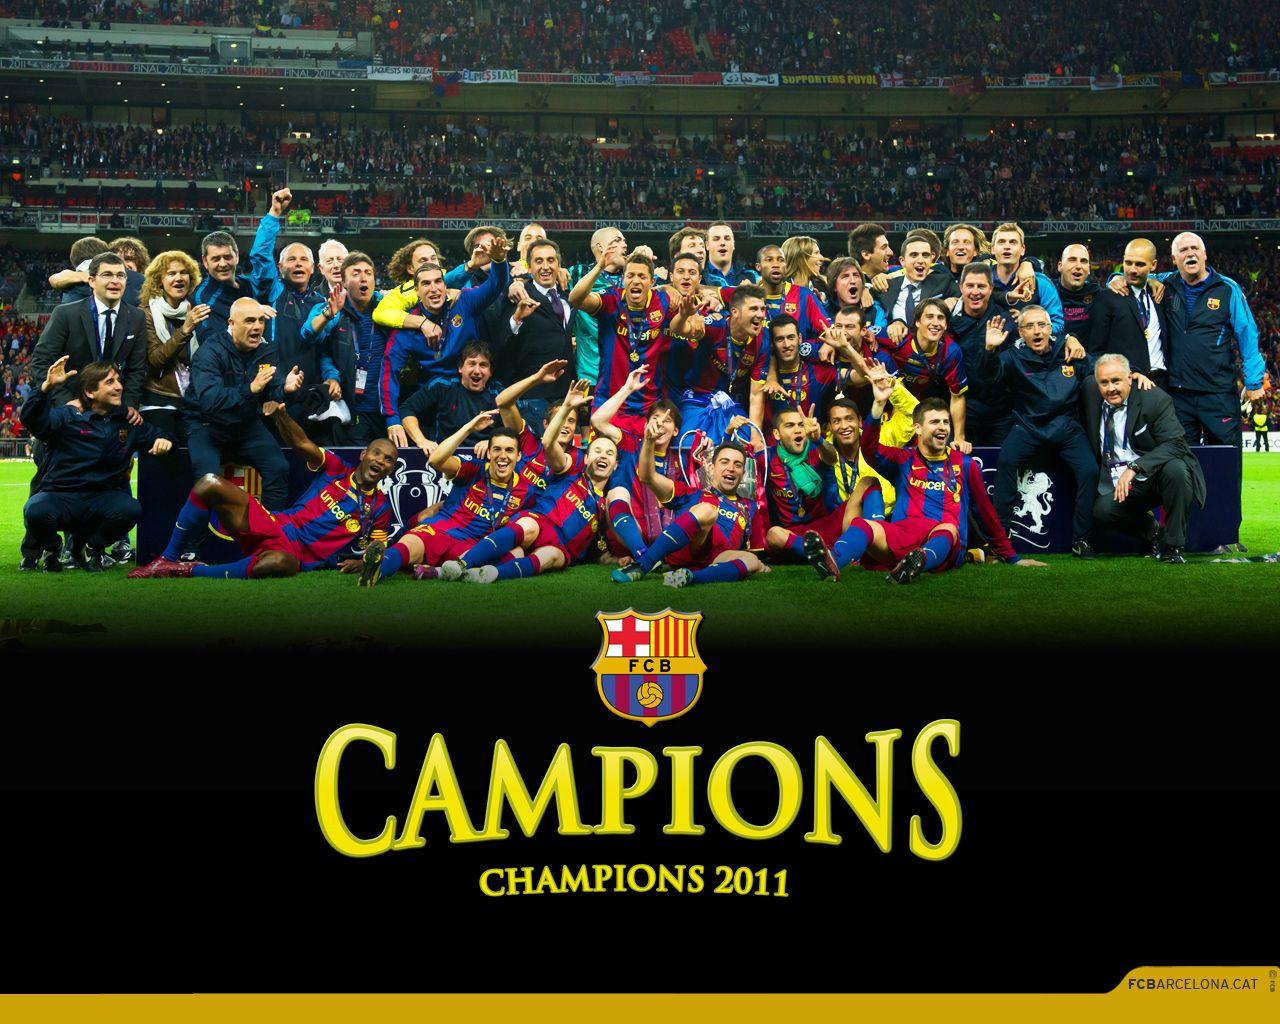 http://3.bp.blogspot.com/-N7cVLjnKgMs/UWZwjA9BknI/AAAAAAAAB8Y/s_k039nXLPA/s1600/fc-barcelona-champions-league-winner--wallpaper-.jpg